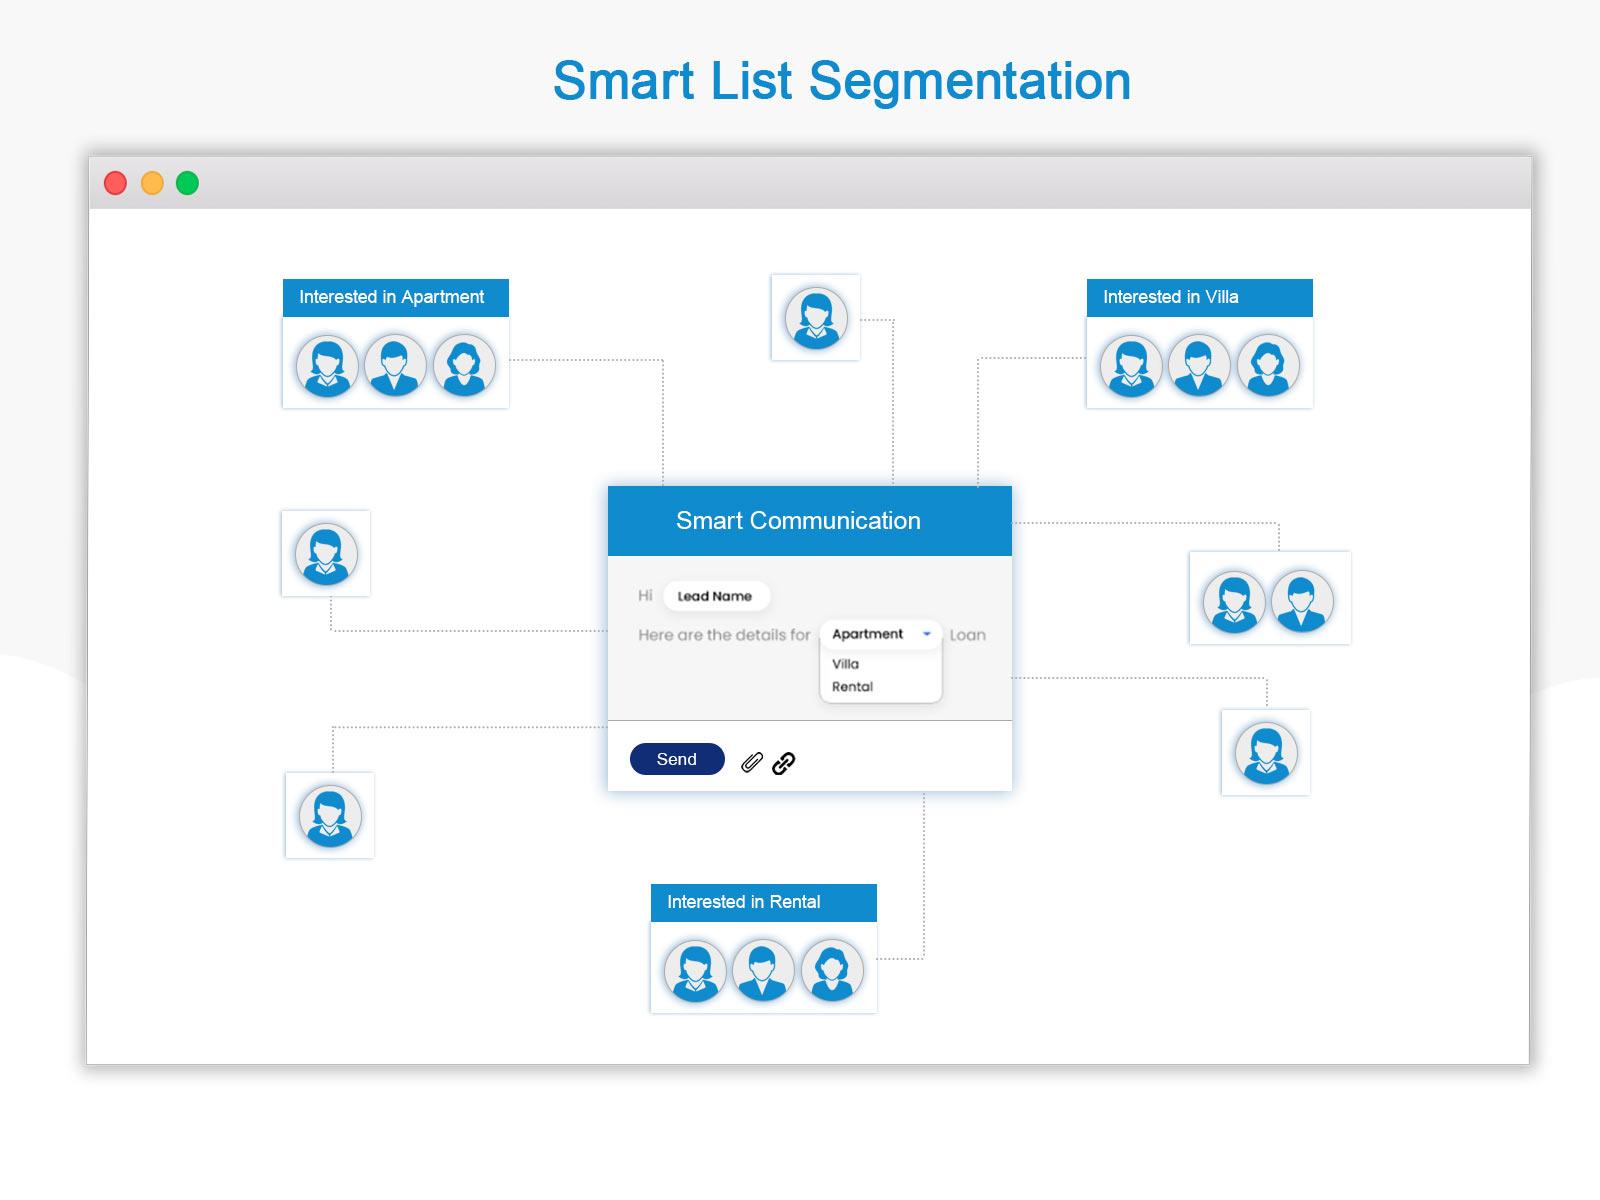 smart list segmentation and automate communication